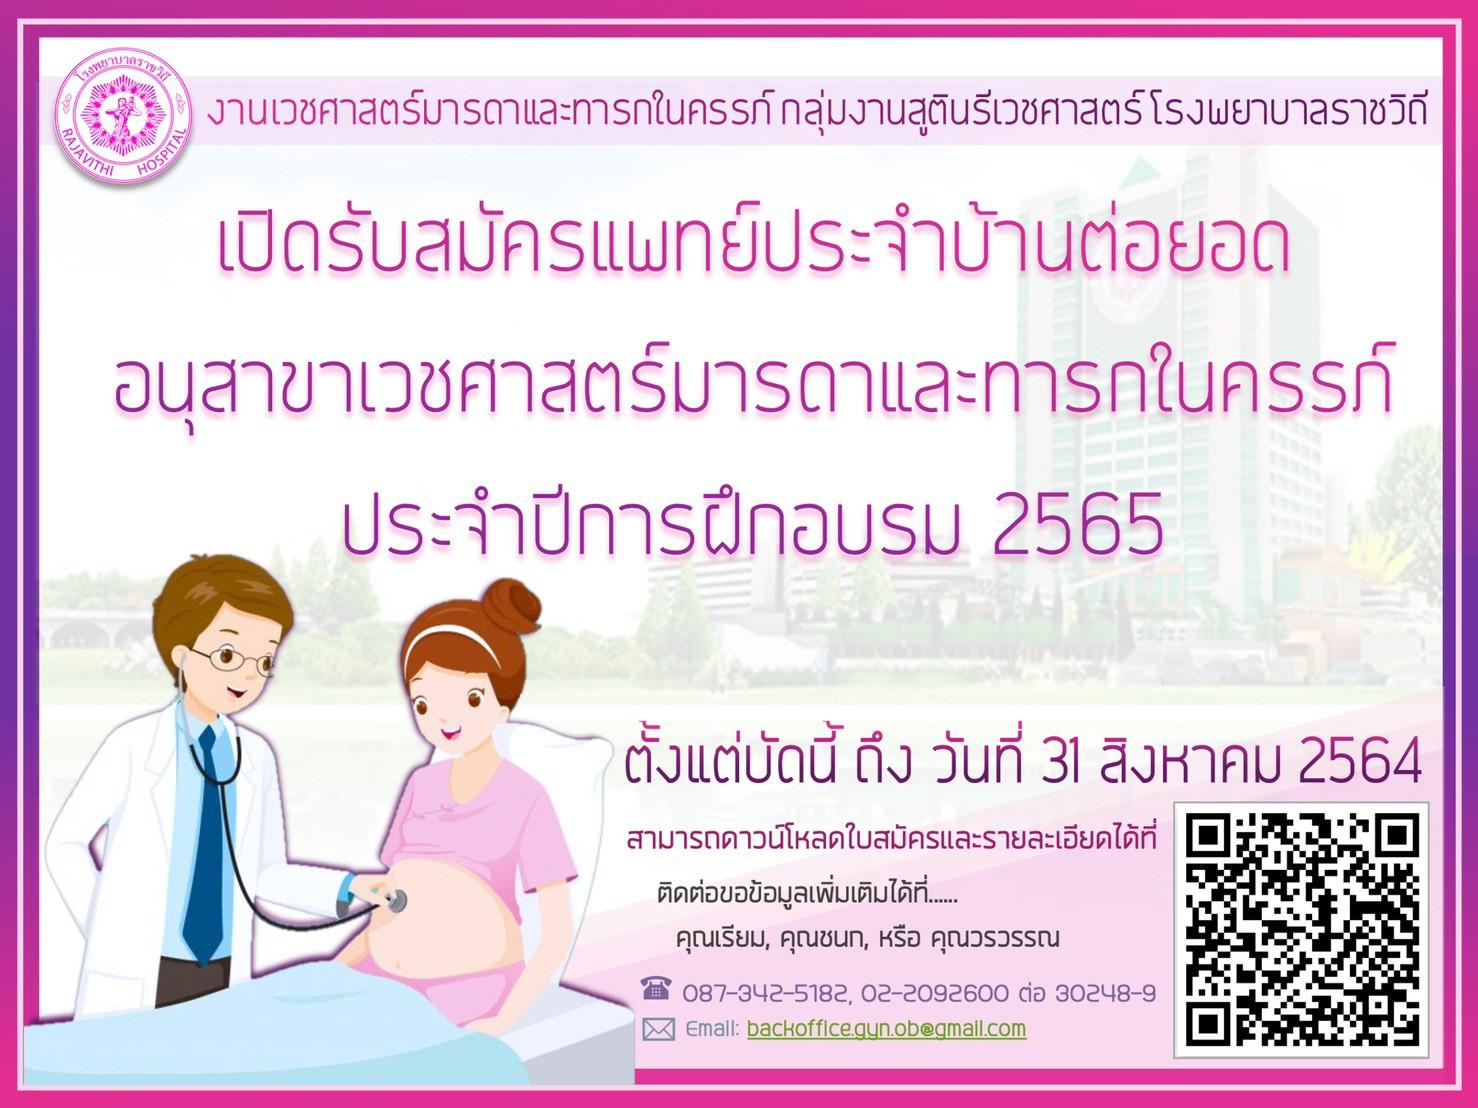 messageimage_1621929182375